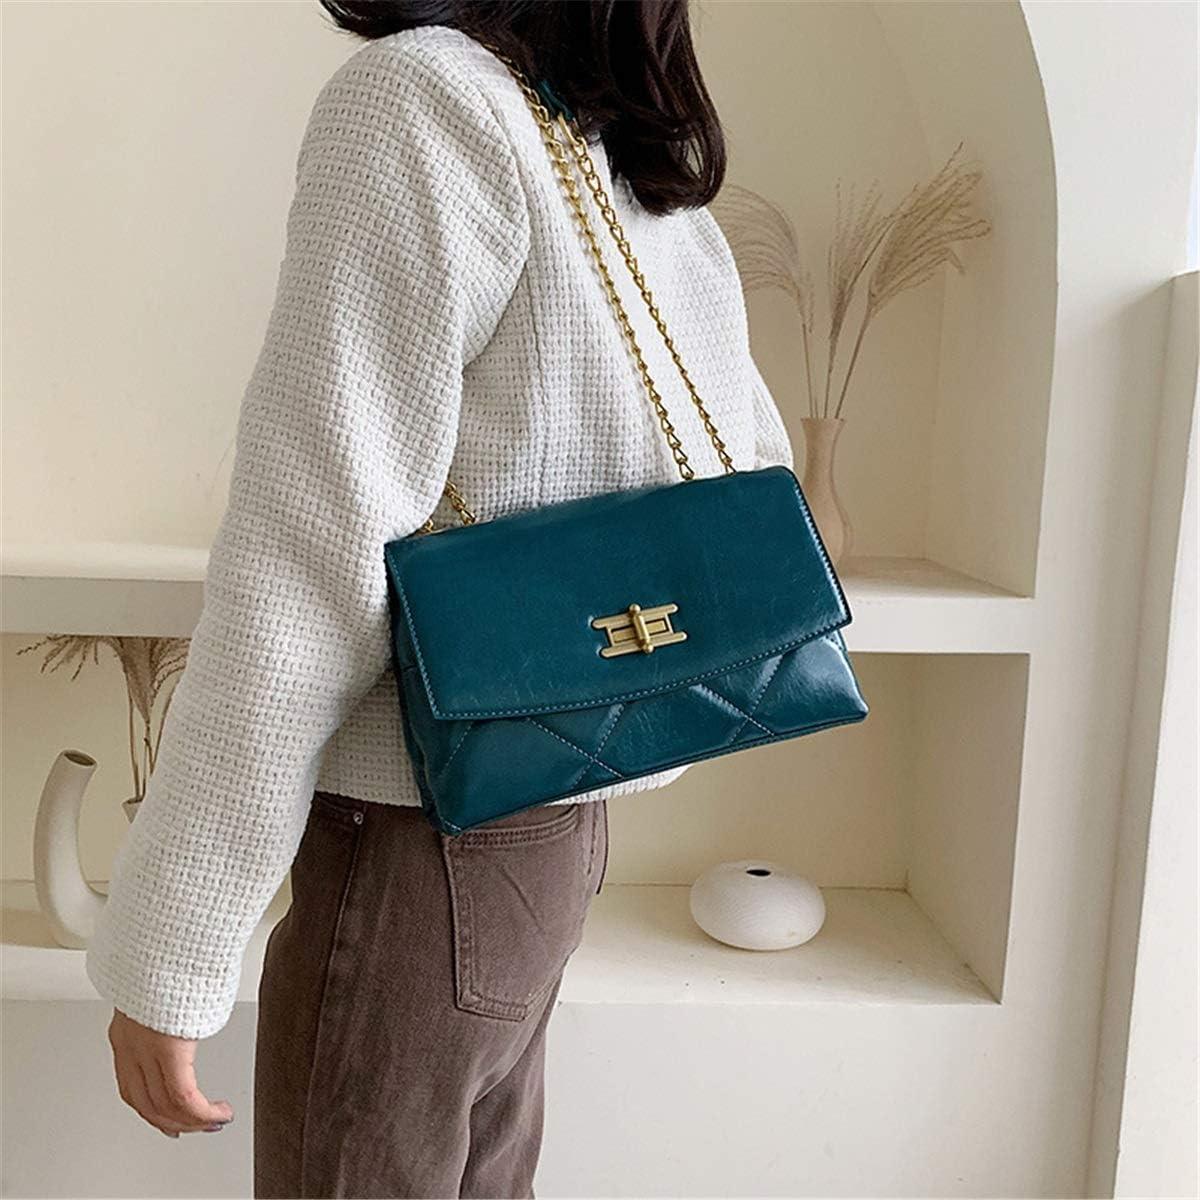 Shoulder Bags Net Sac Rouge Rhombus chaîne Rétro Sac Solide Simple épaule Couleur Sac Mode Niche Classique Messenger Bag (Color : Wine Red) Blue